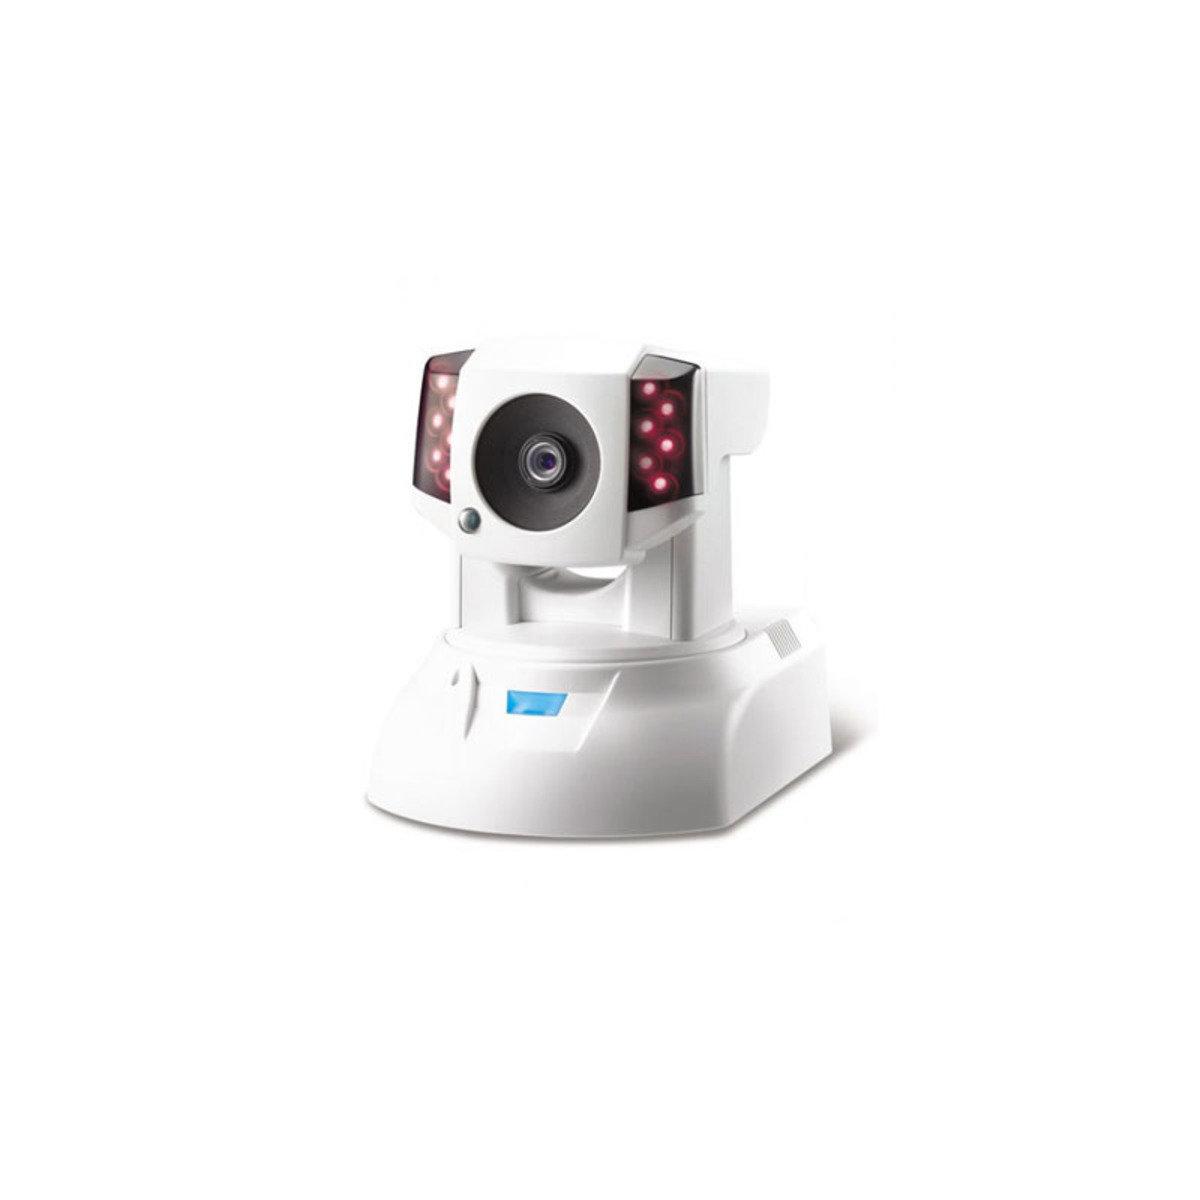 標清PTZ雲端網路攝影機連紅外線遙控 TN600RW